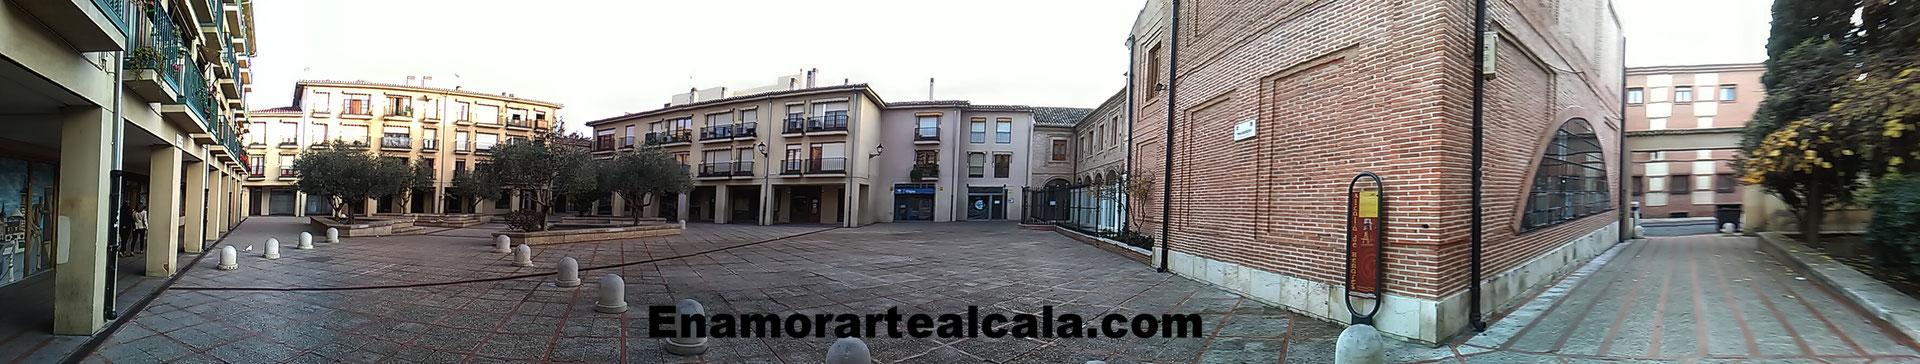 Plaza de los Irlandeses